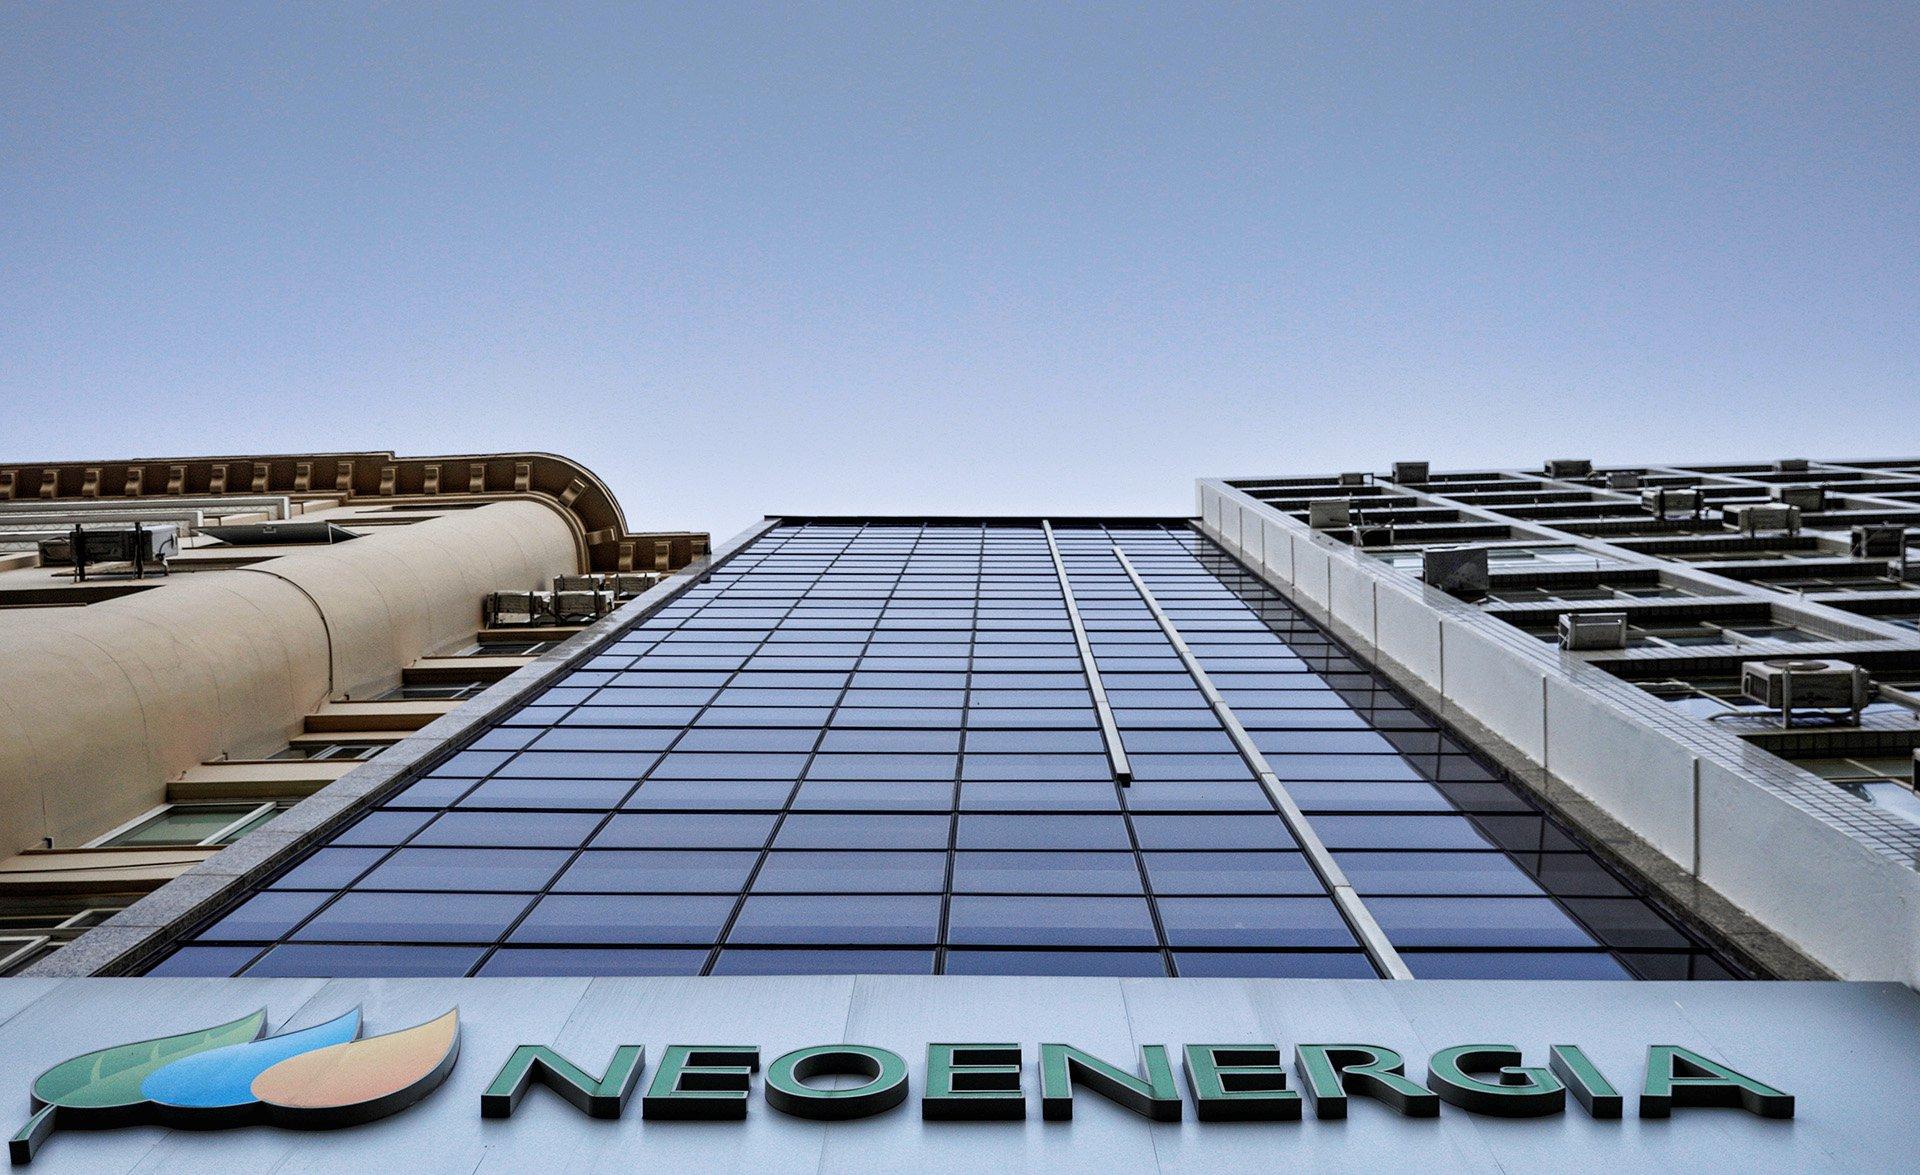 Lucro da Neoenergia sobe 57% no 3º trimestre para R$ 1,3 bilhão